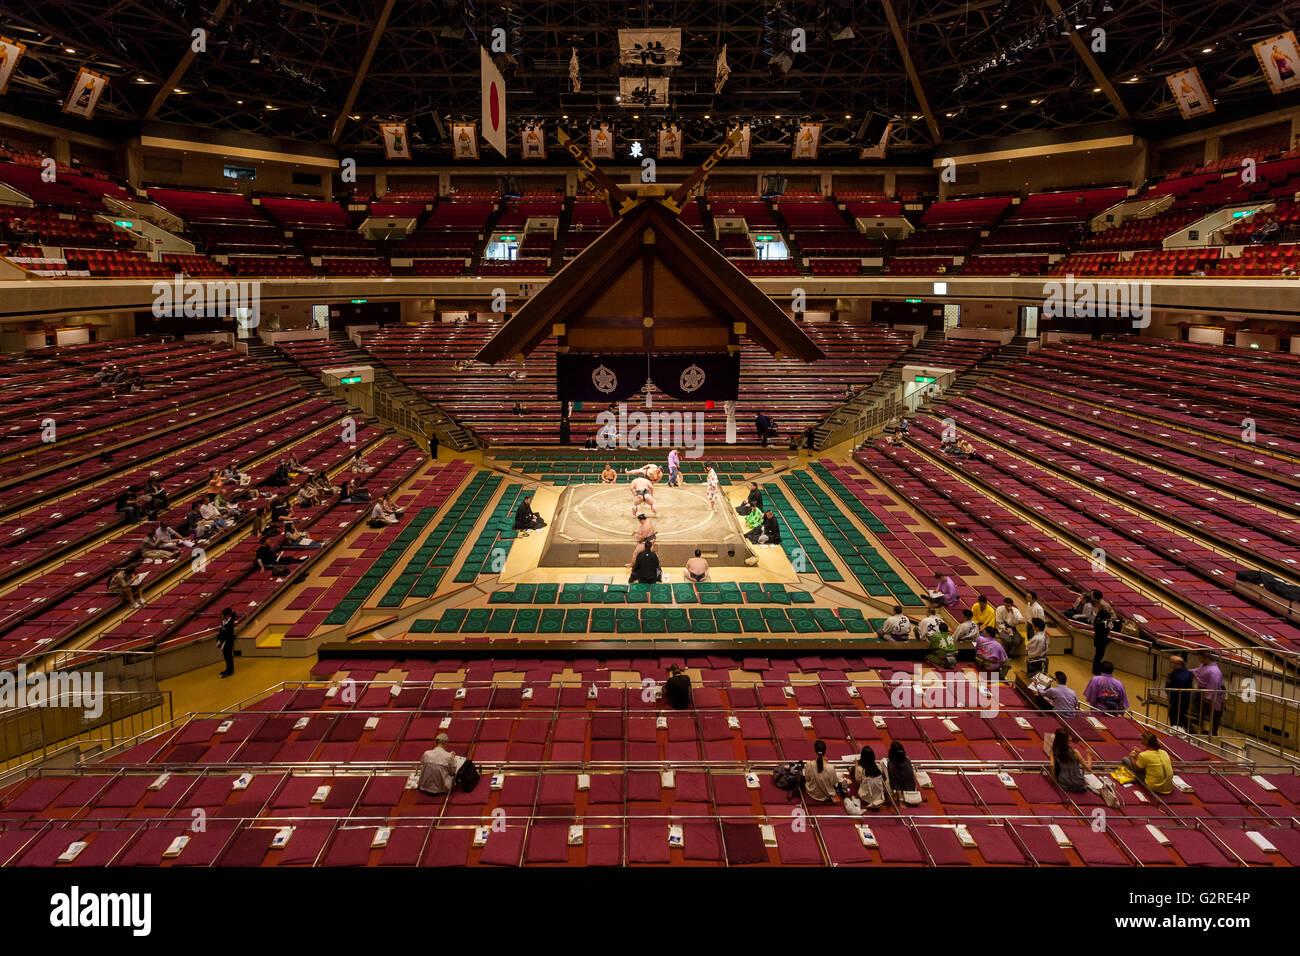 Immagine panoramica dell'interno del sumo Ryogoku Arena durante il torneo di Sumo Tokyo, Giappone. Venerdì Immagini Stock